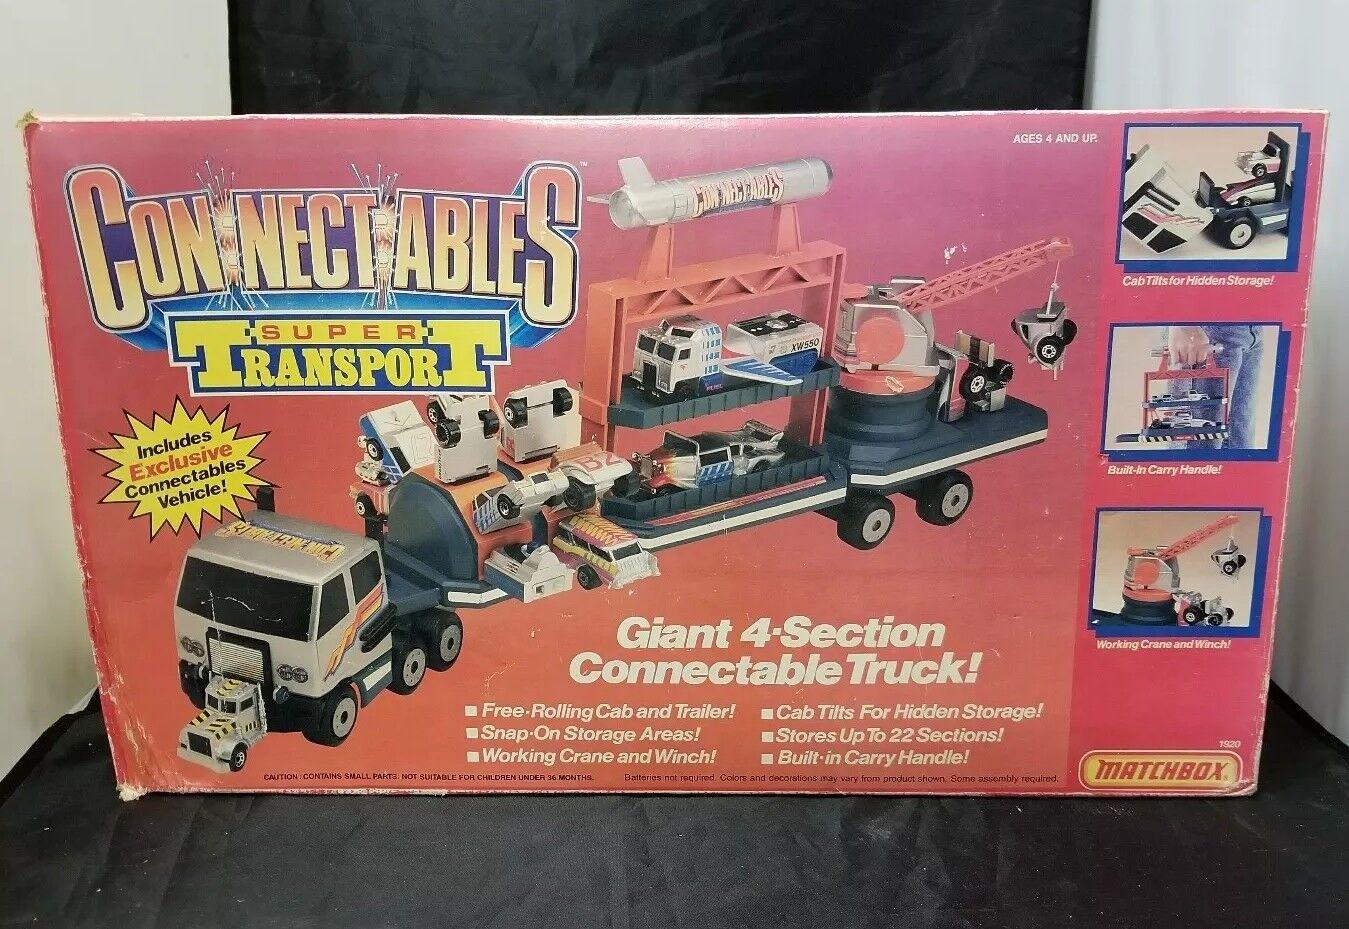 La vieja caja de cerillas se conecta con el nuevo transporte de cuatro camiones, 1989.